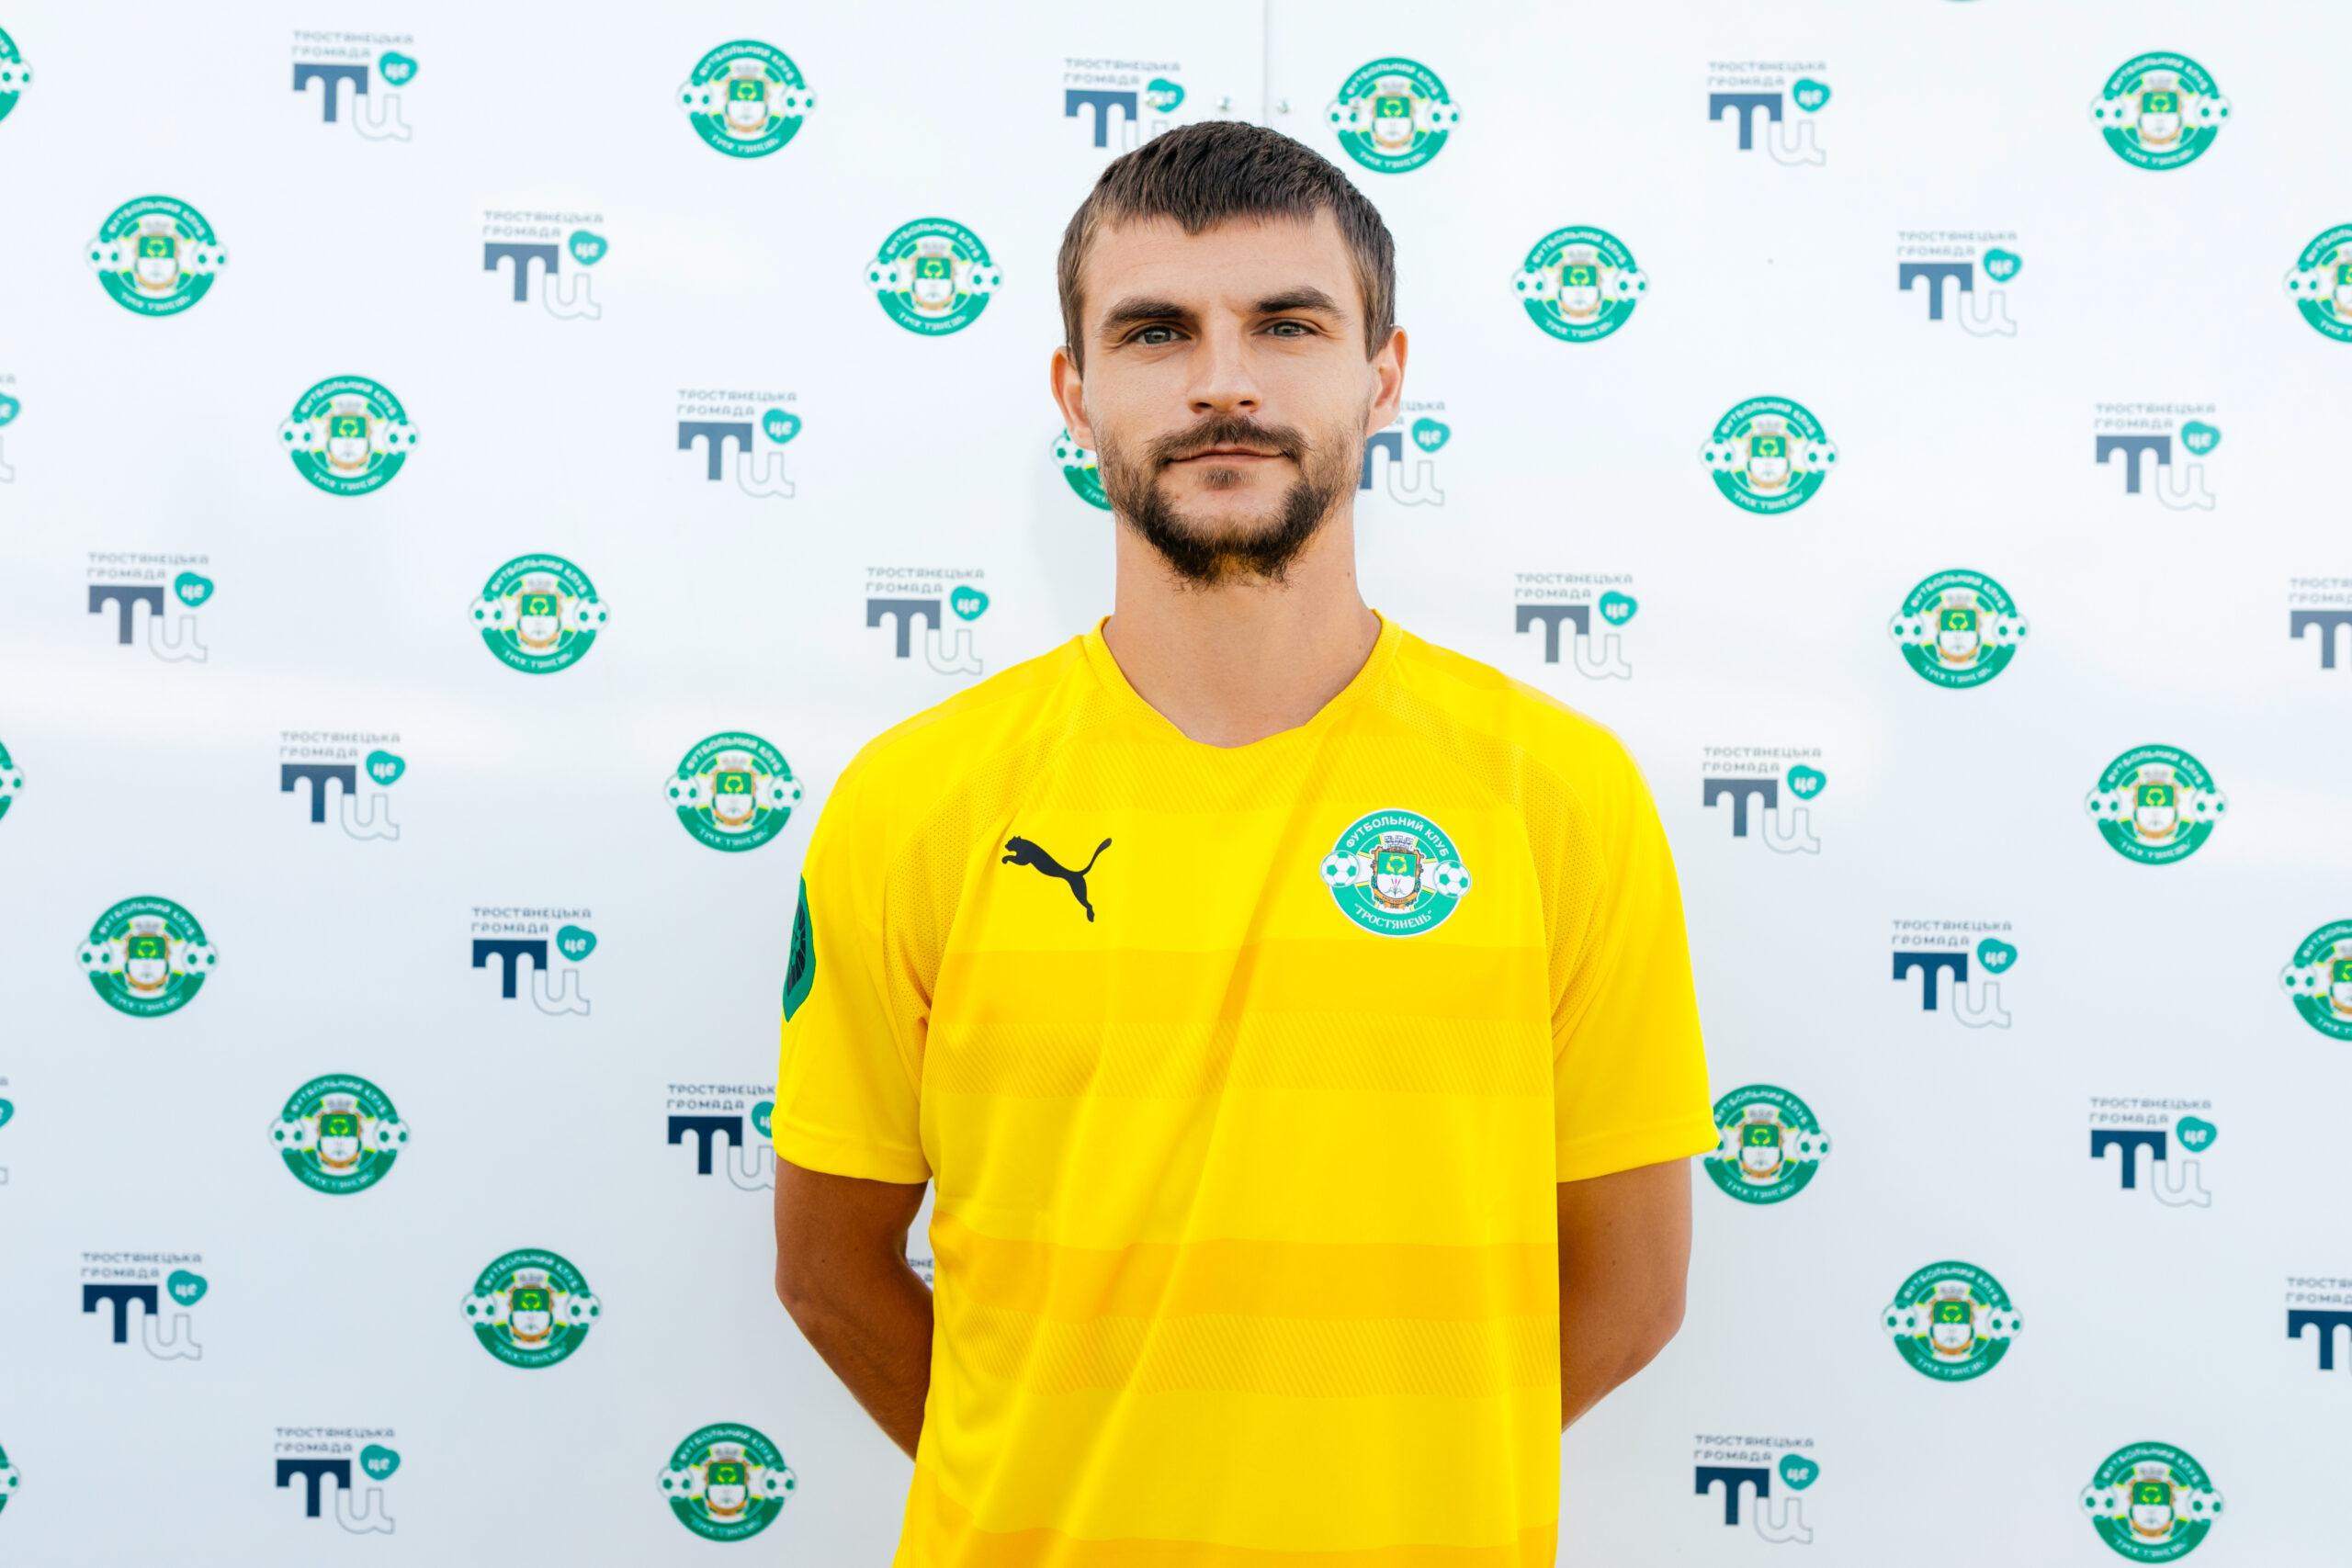 4. Сергій Мізюк